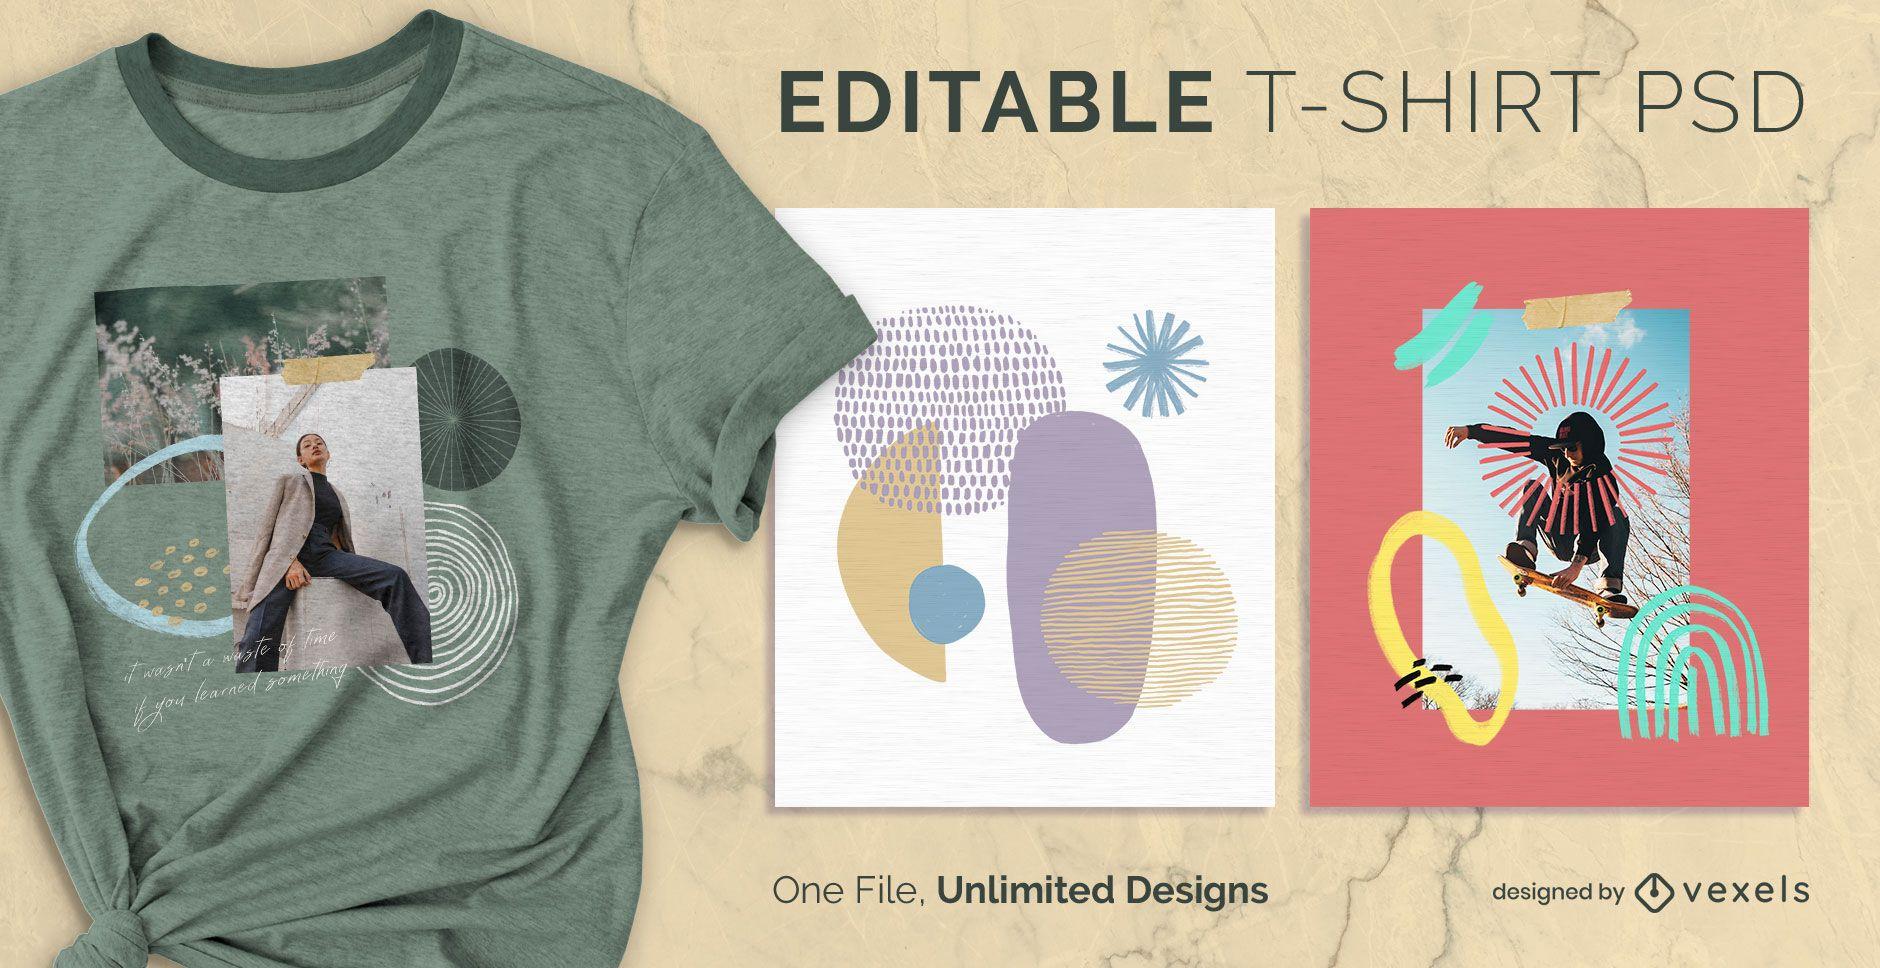 Camiseta escalable doodle abstracto psd